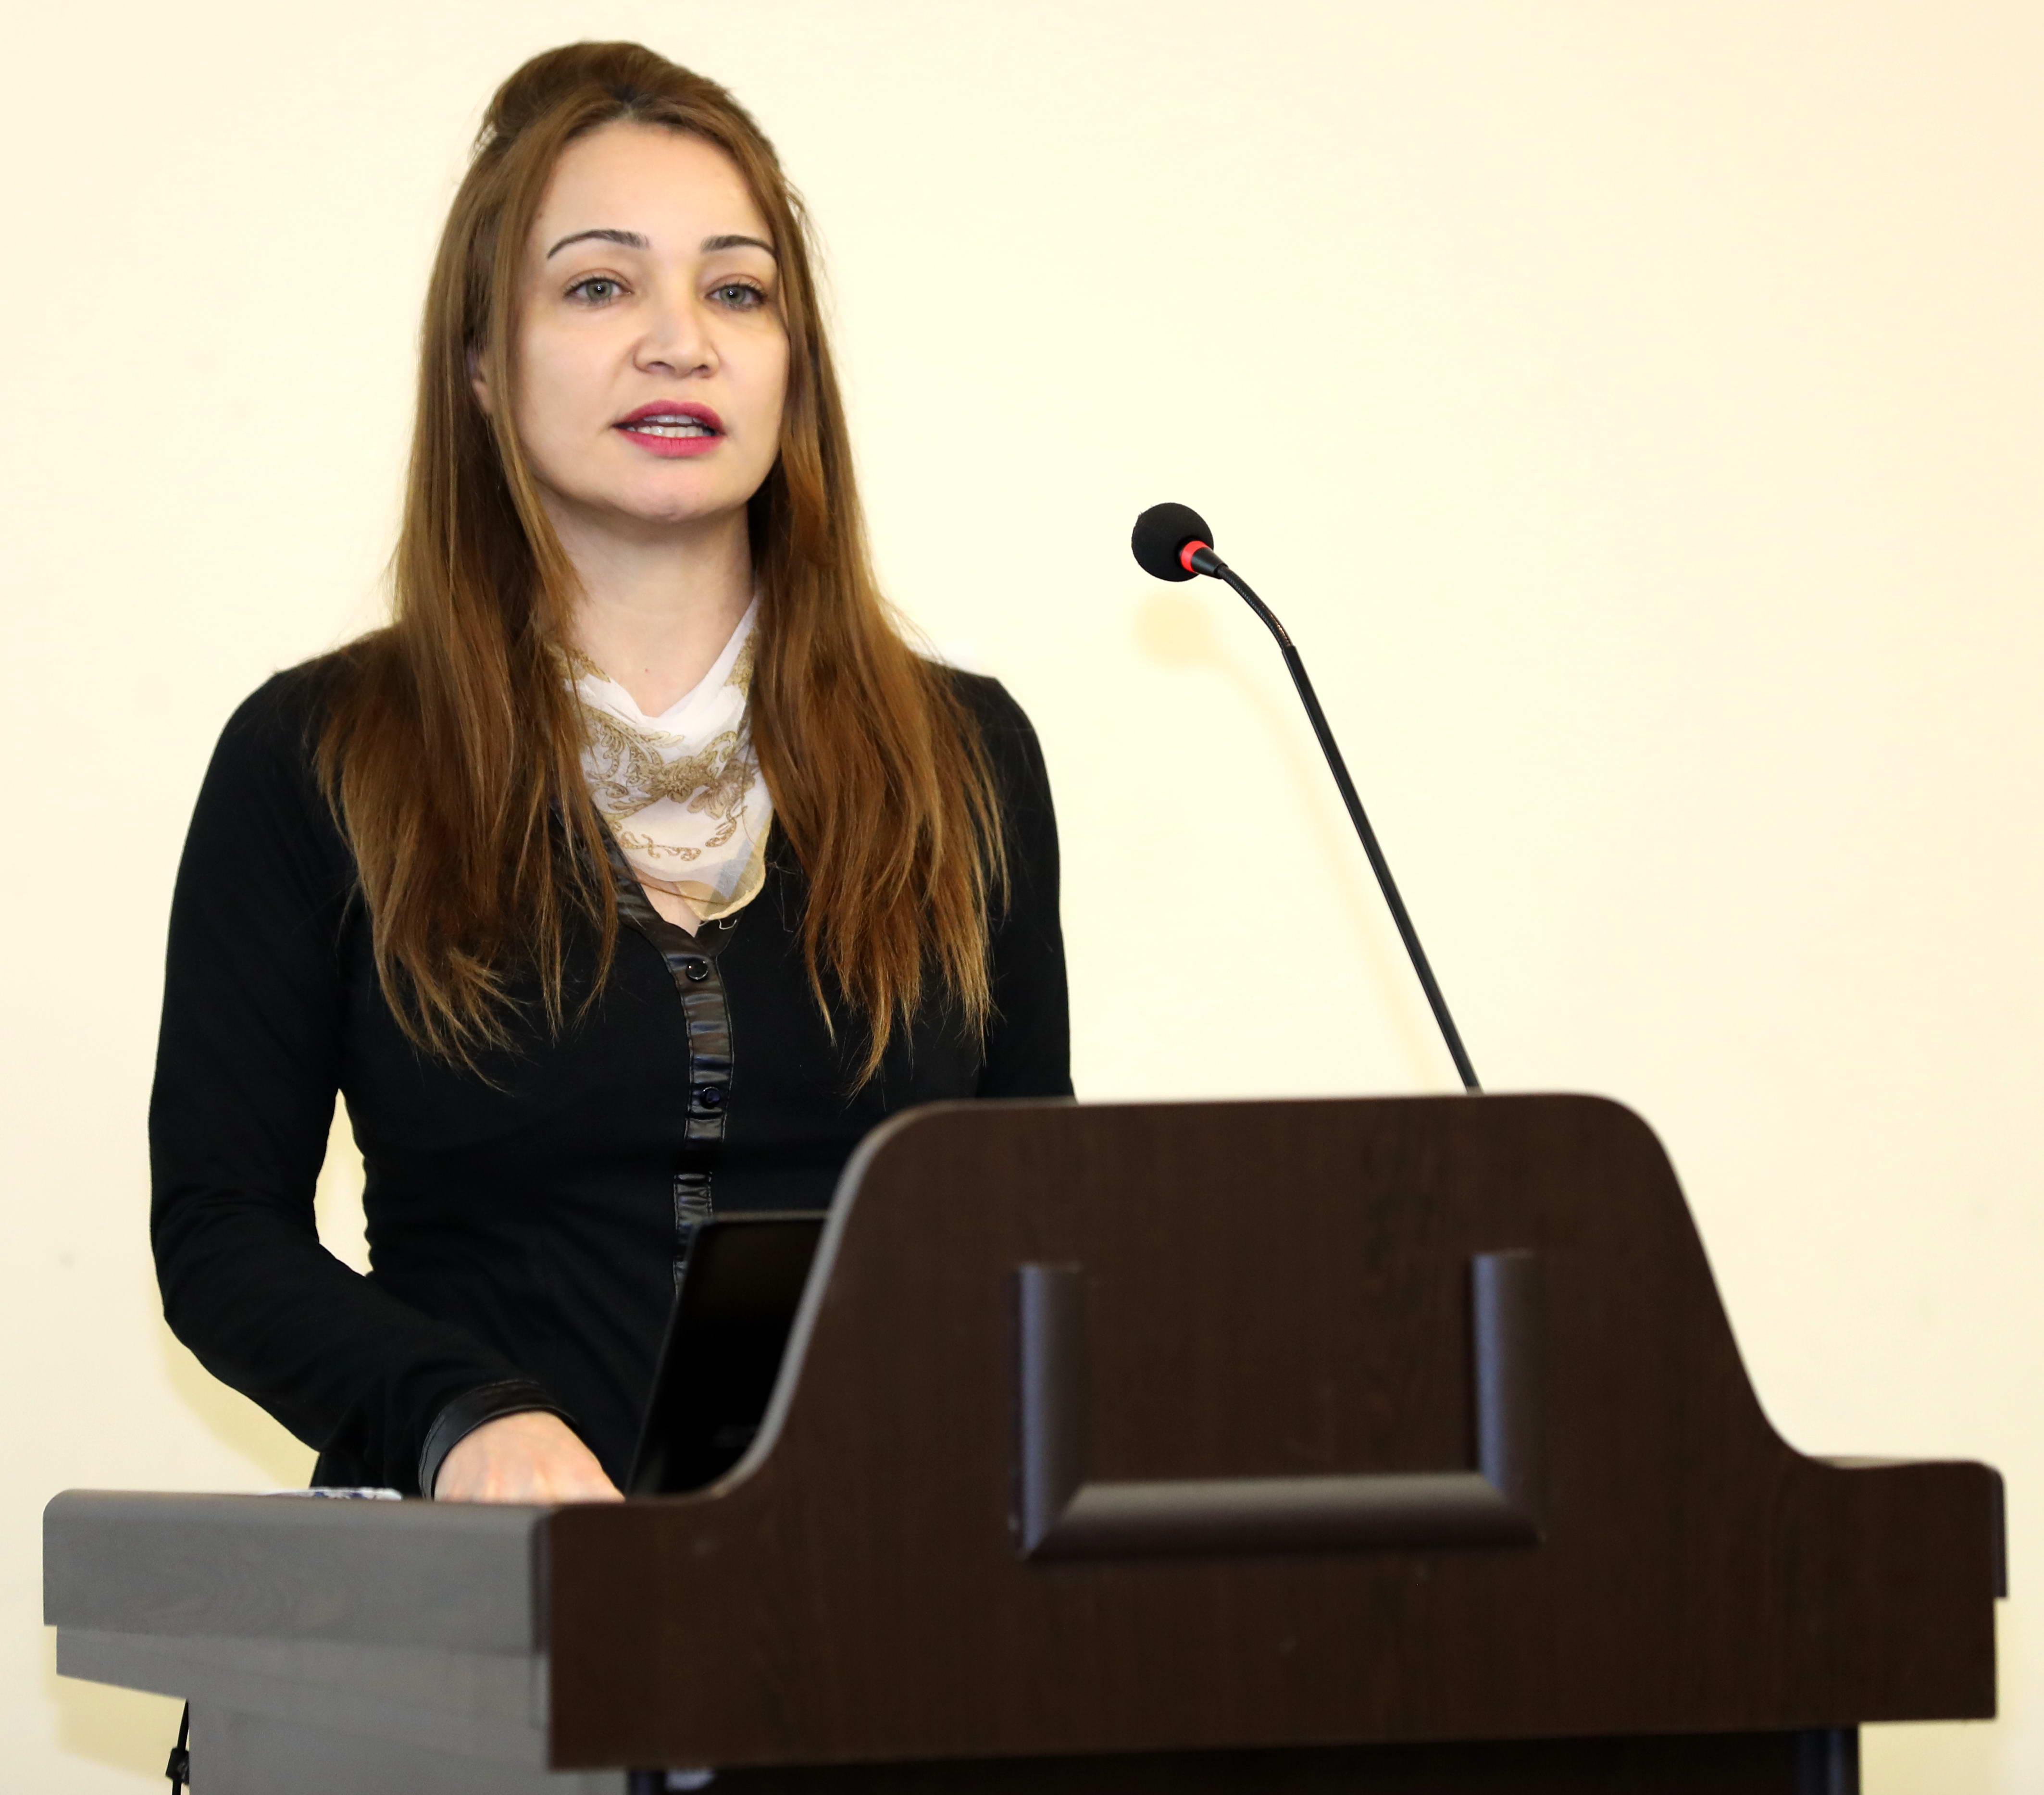 ENGELLİ ÖĞRENCİLERE BİLGİLENDİRME TOPLANTISI - Özlem Yılmaz